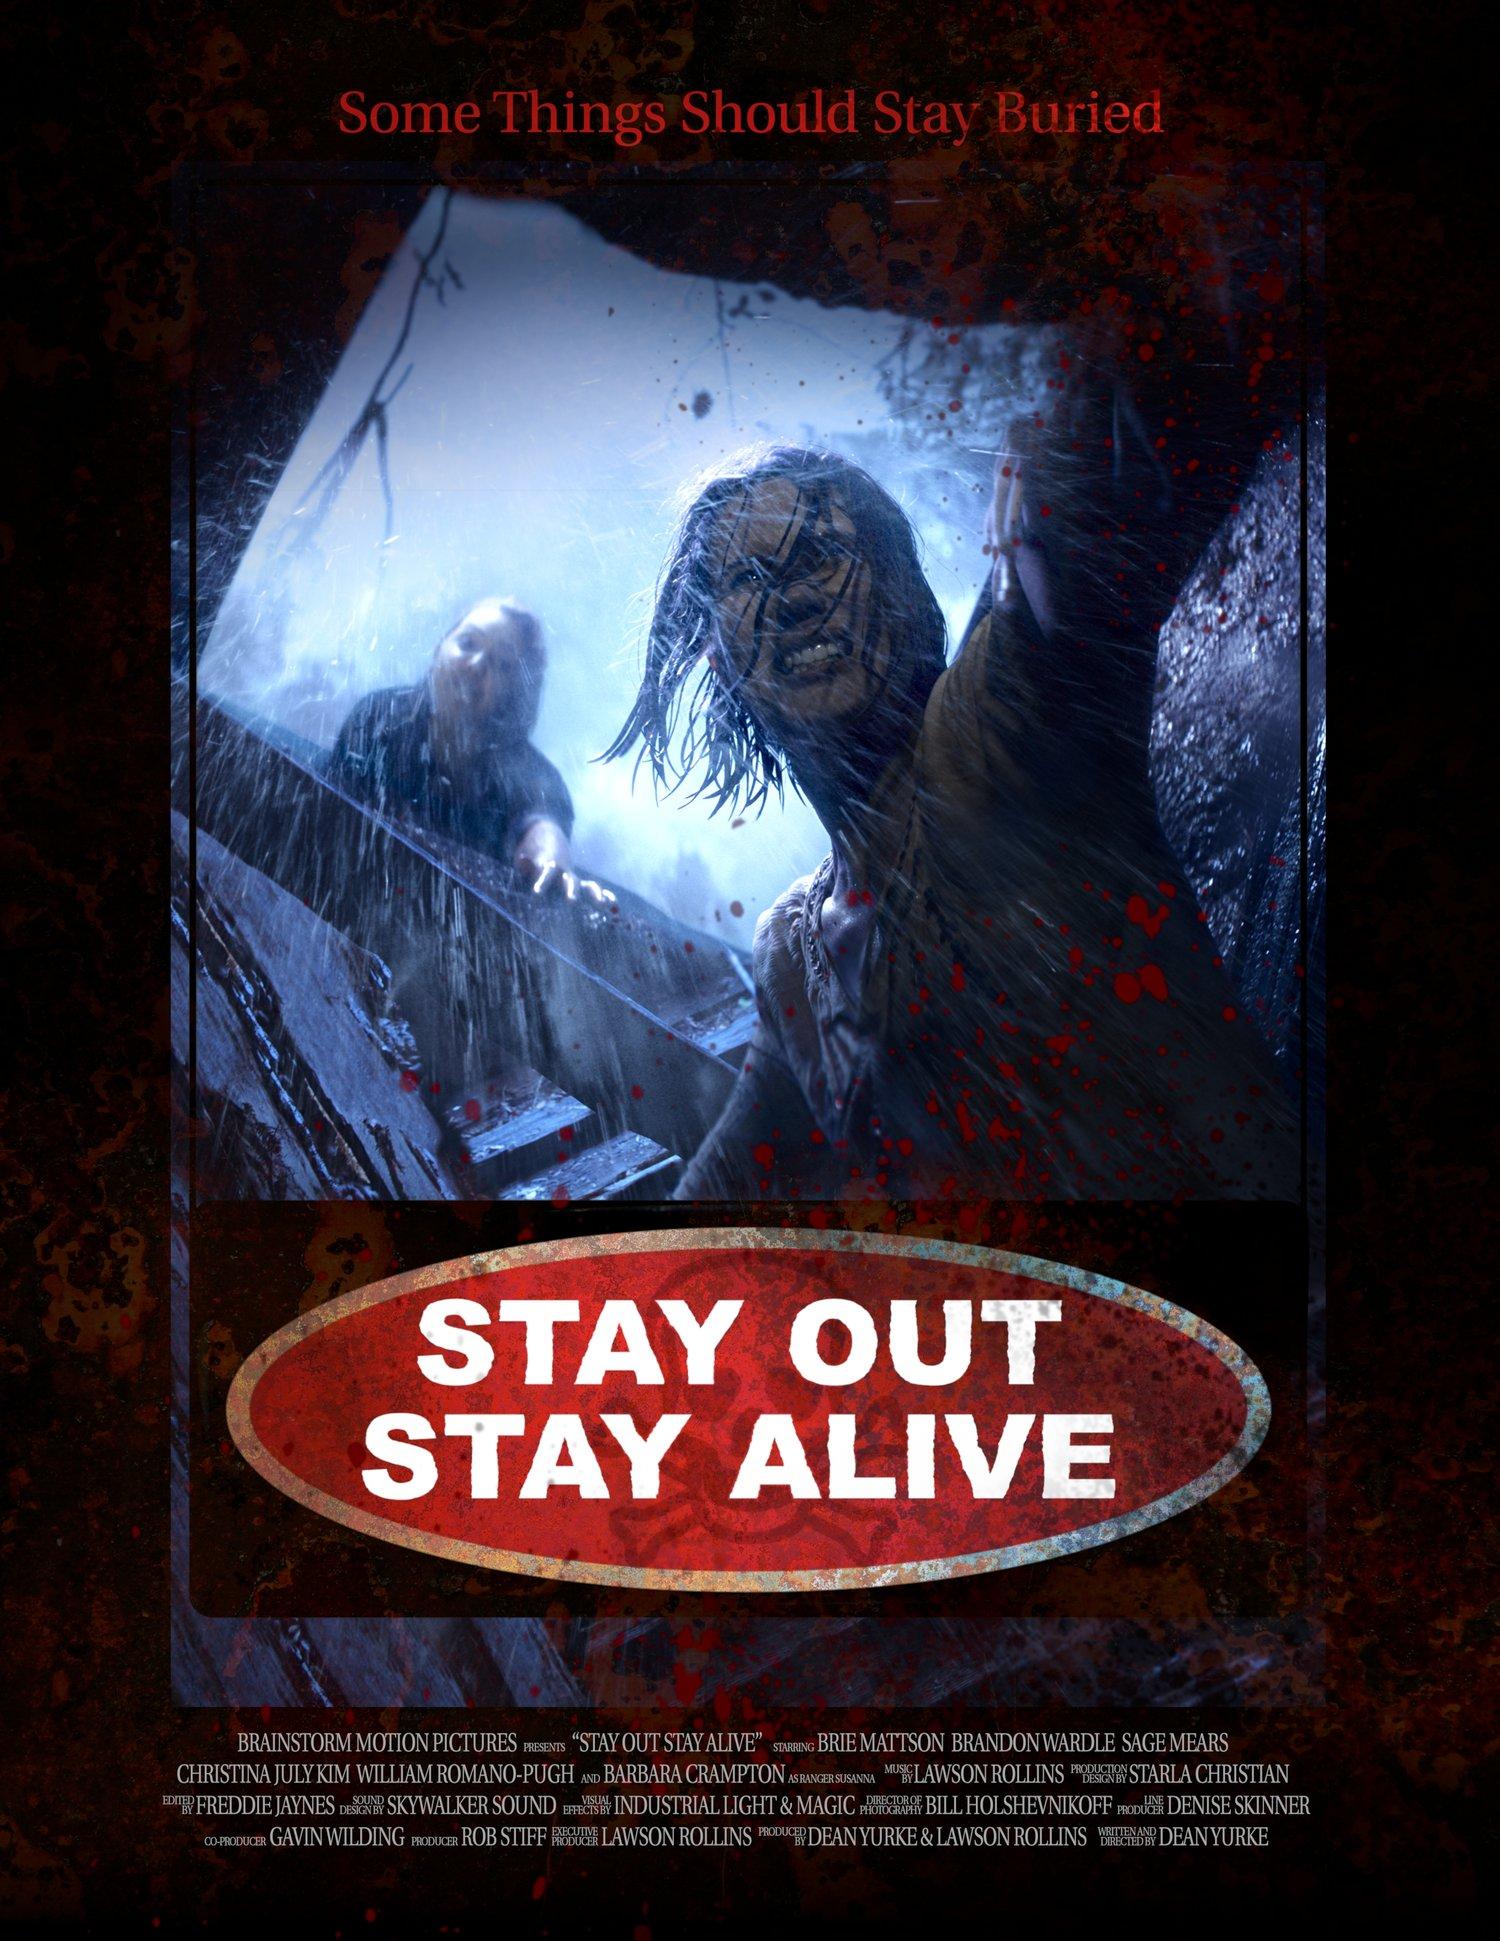 stayout-stayalive-movie_keyart.jpg